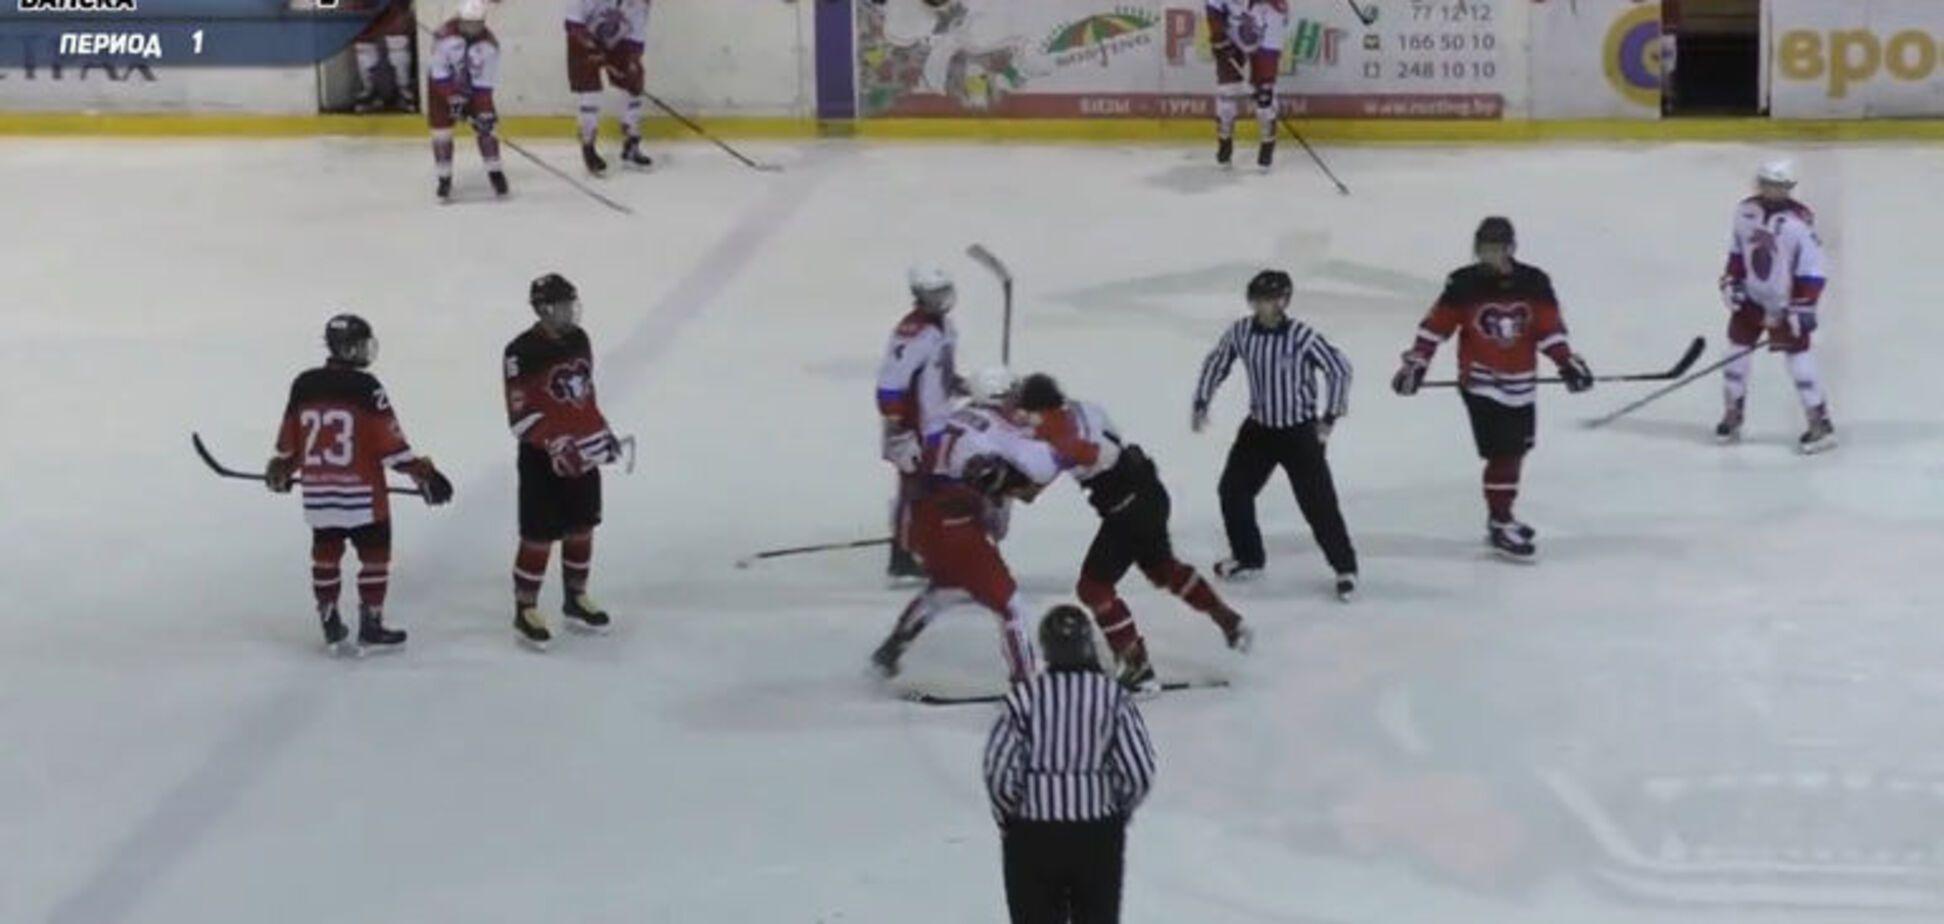 Дичина дня: юні російські хокеїсти побили суперників - Відеофакт